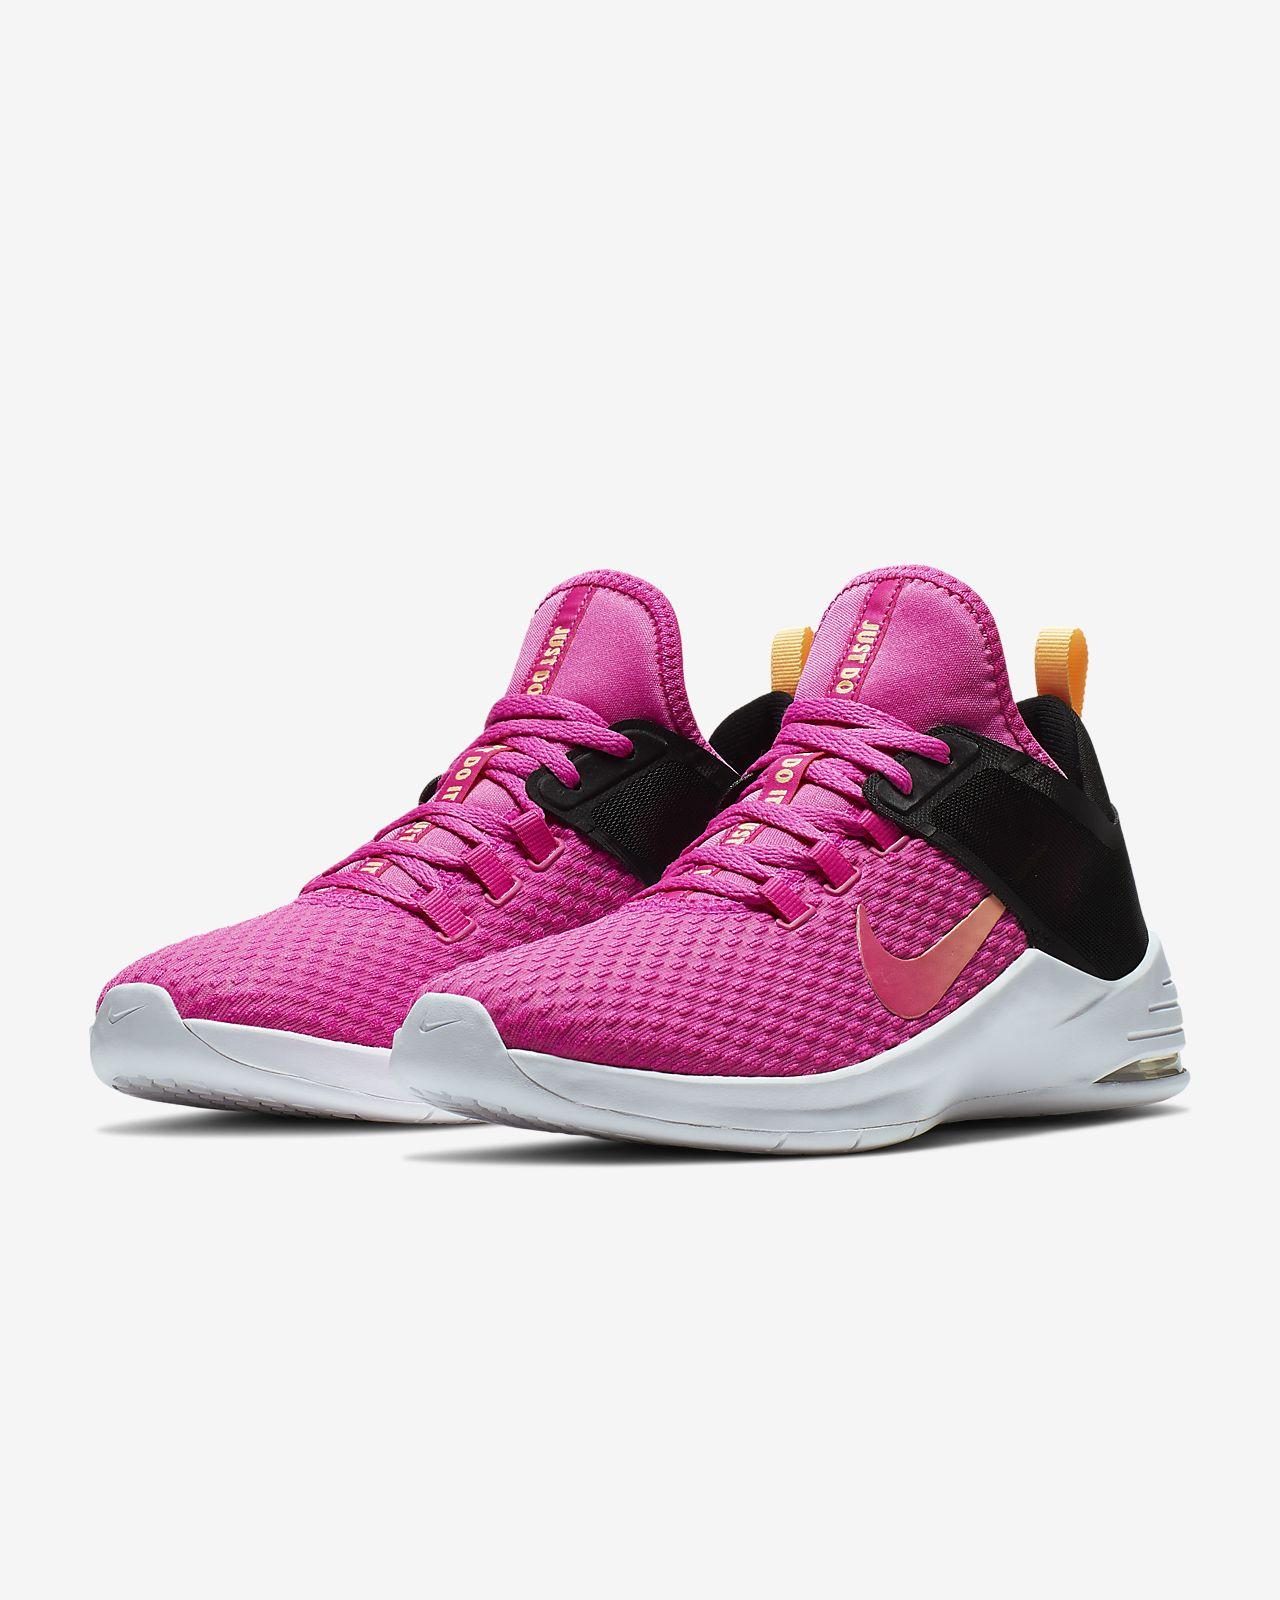 510485ff8dc5 Nike Air Max Bella TR 2 Women s Training Shoe. Nike.com